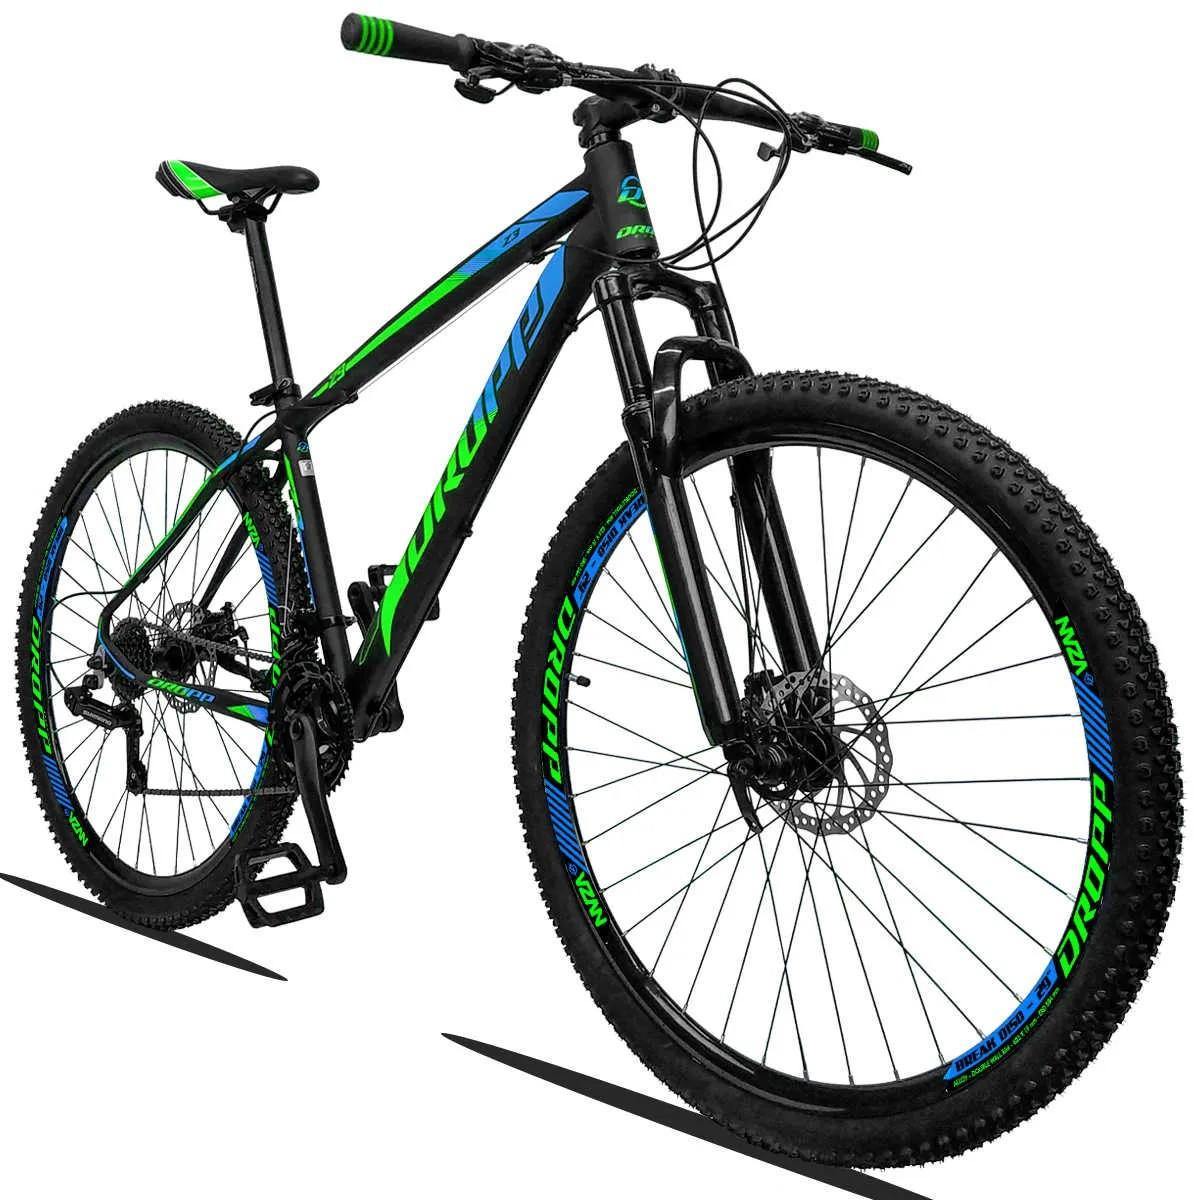 Bicicleta Aro 29 Dropp Z3 21v Shimano Freio a Disco - Preto / Verde / Azul  - Calil Sport Bike